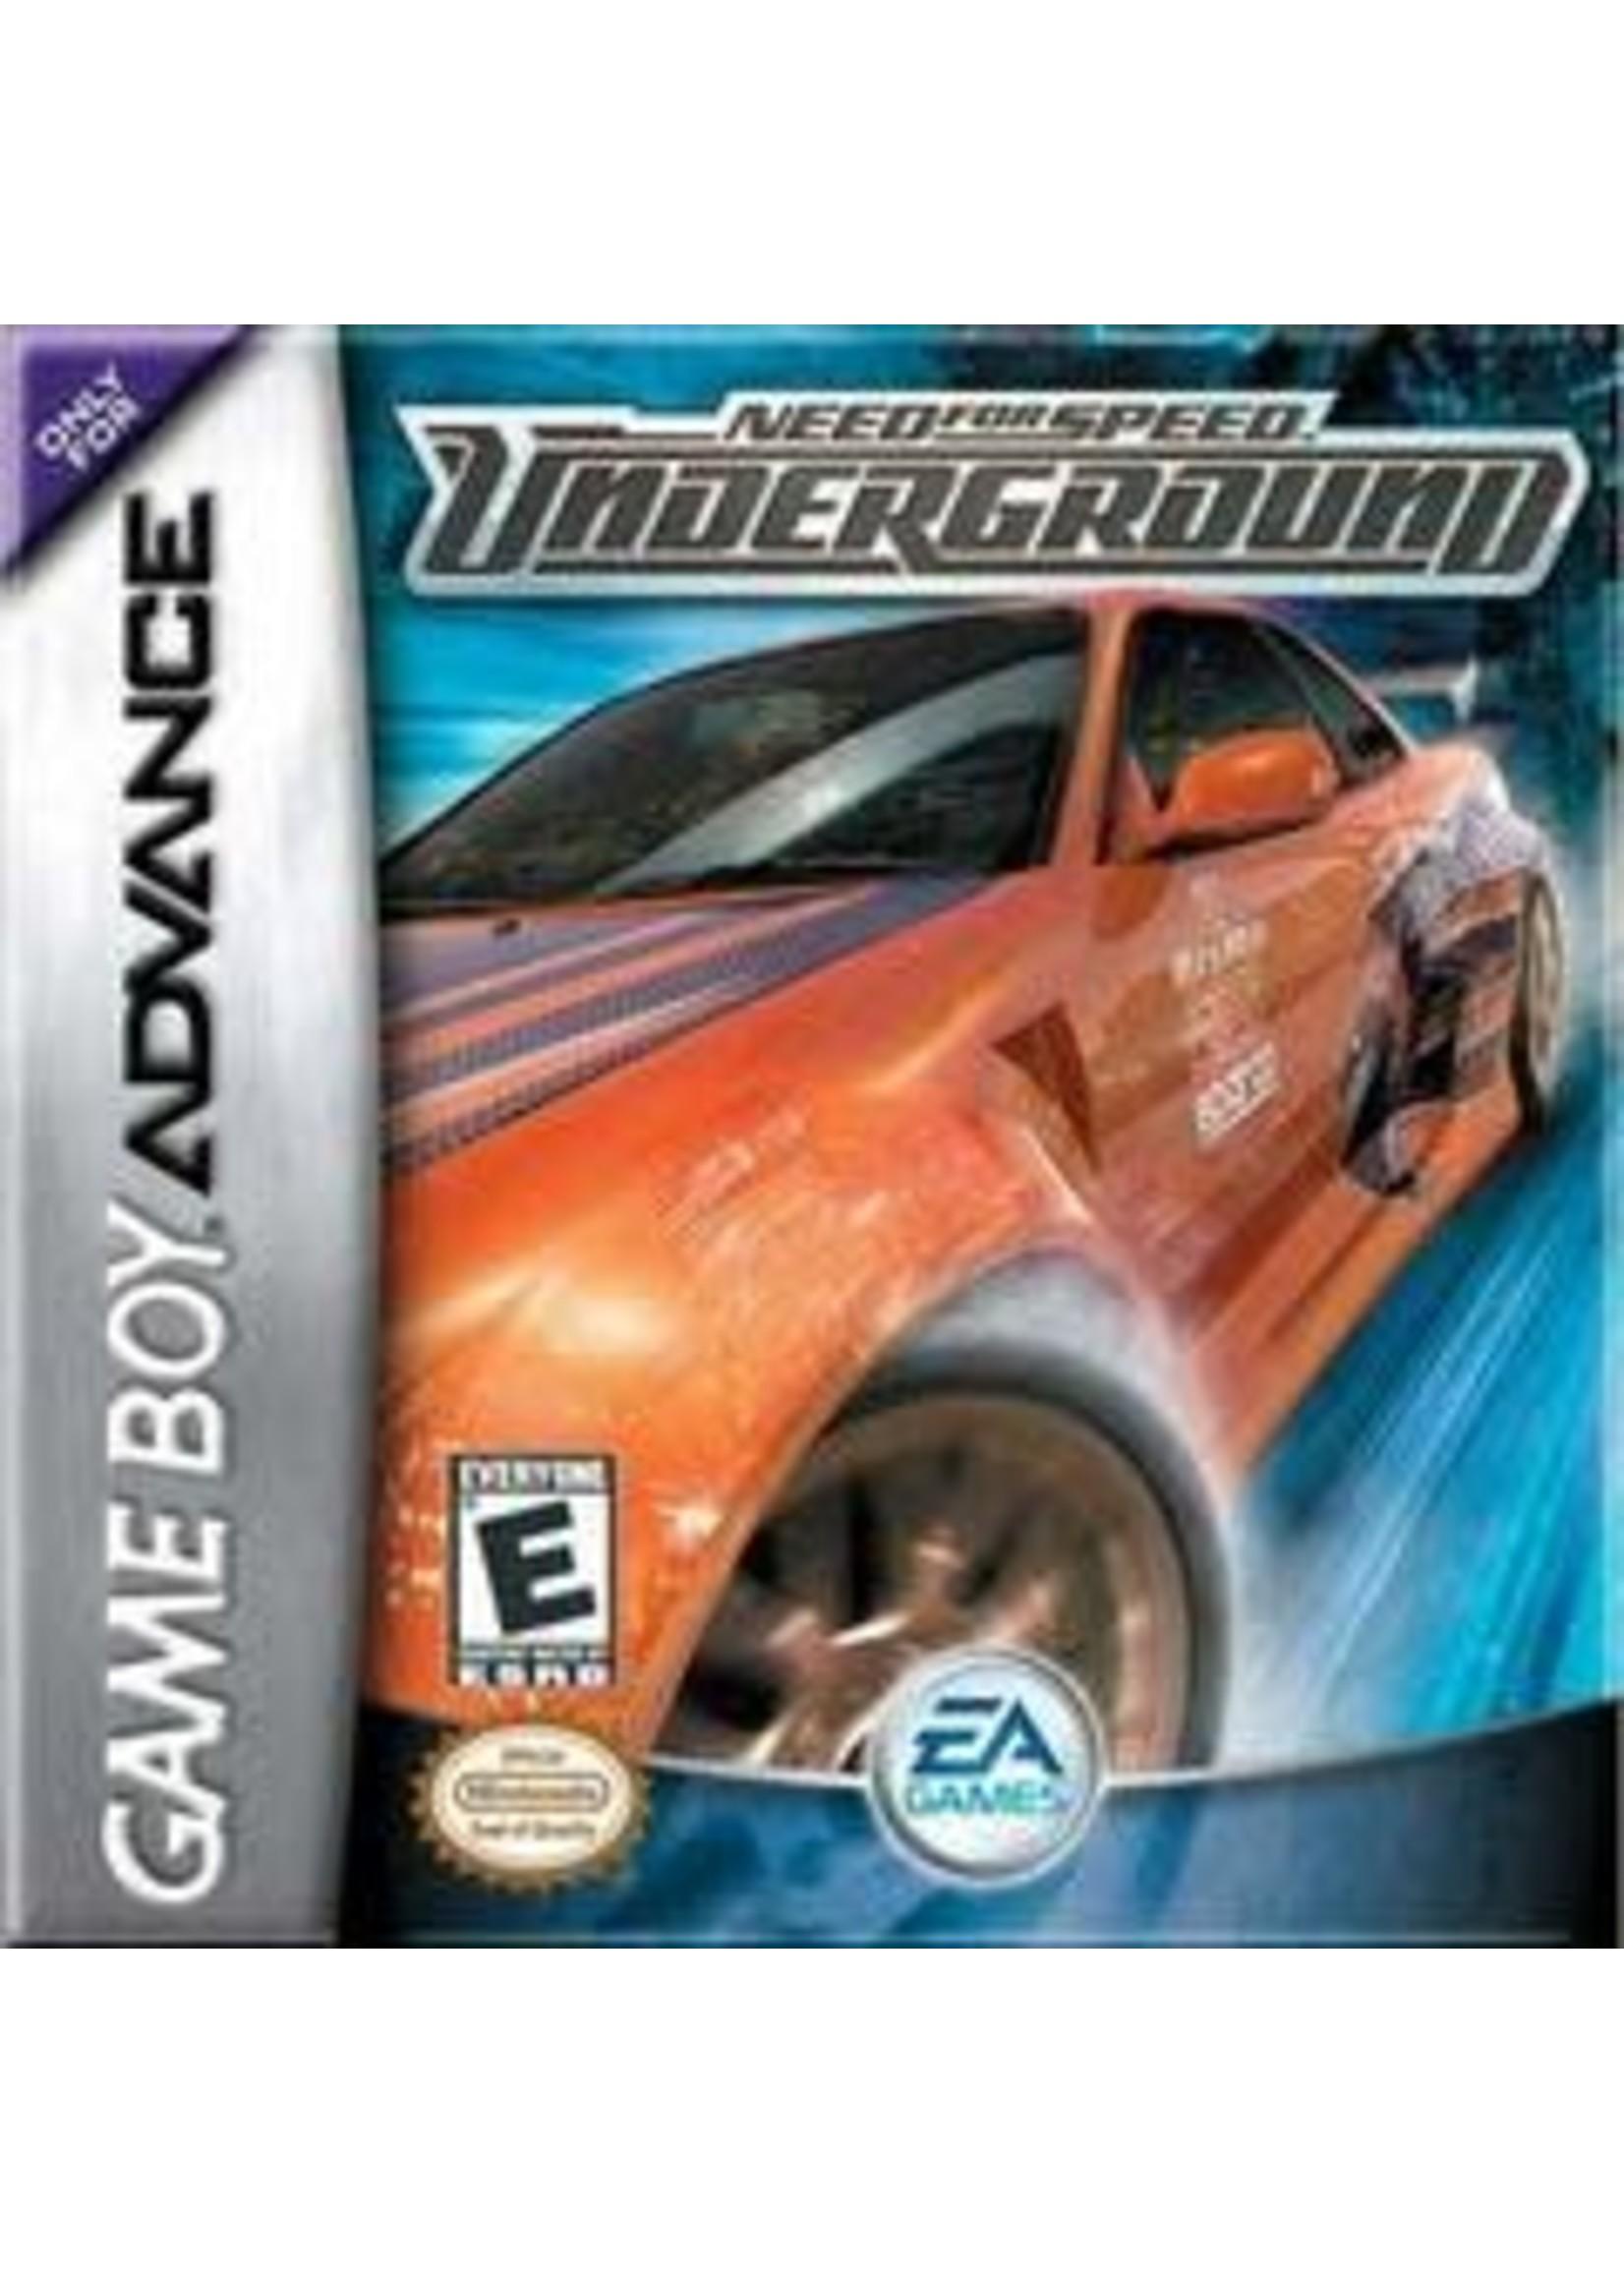 Need For Speed Underground GameBoy Advance